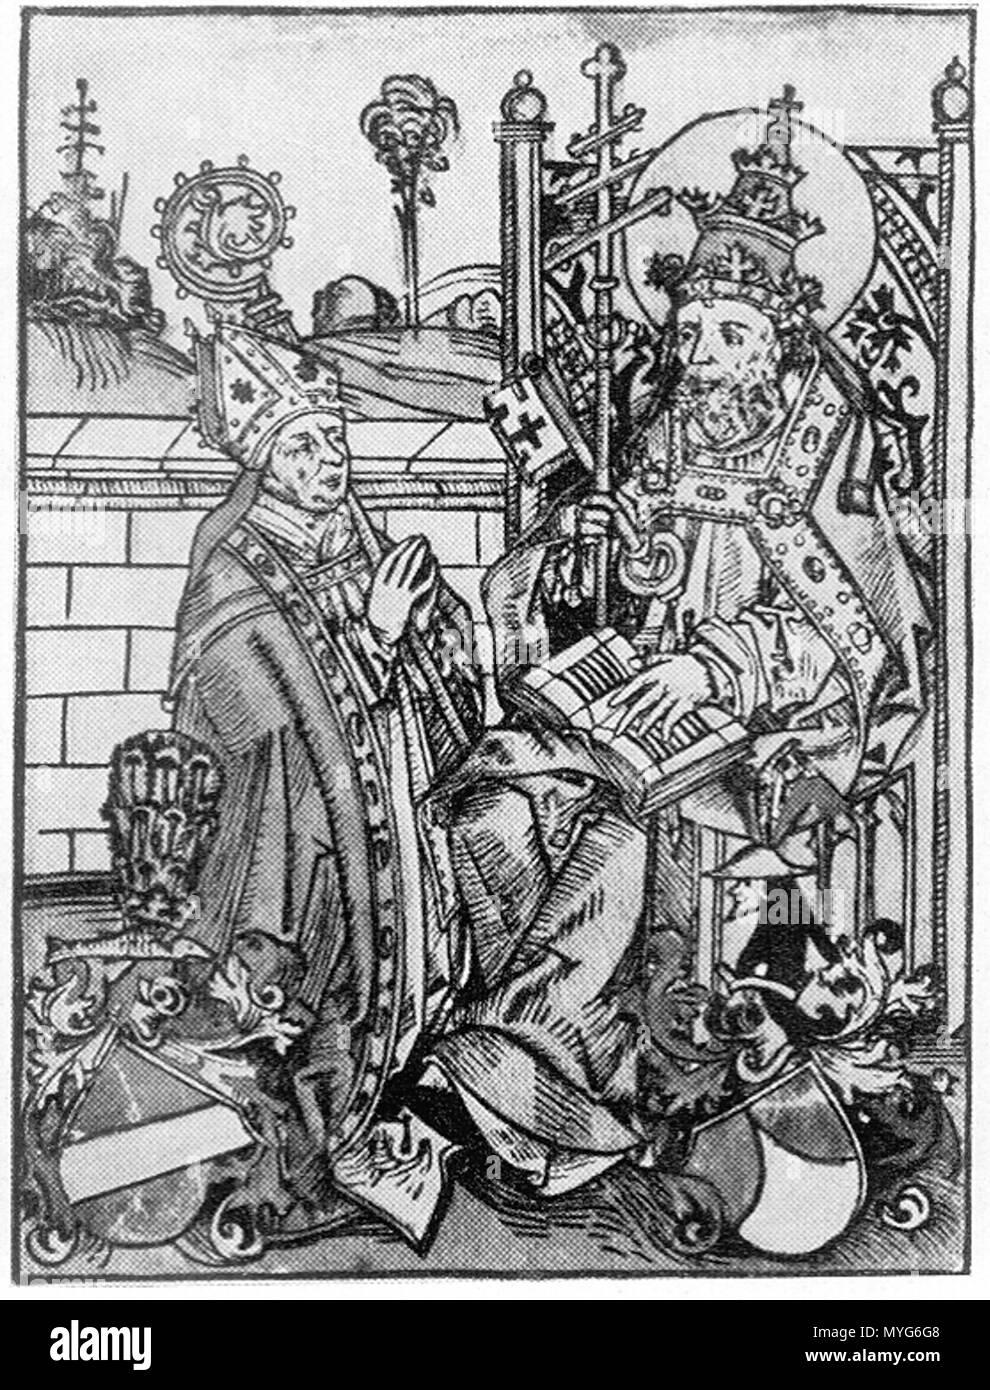 . Deutsch: Darstellung des Regensburger Bischofs Heinrich IV. von Absberg (kniend, mit dem Hl. Petrus) . c. 1480s. Michael Wolgemut (d. 1519) 233 HeinrichAbsberg - Stock Image